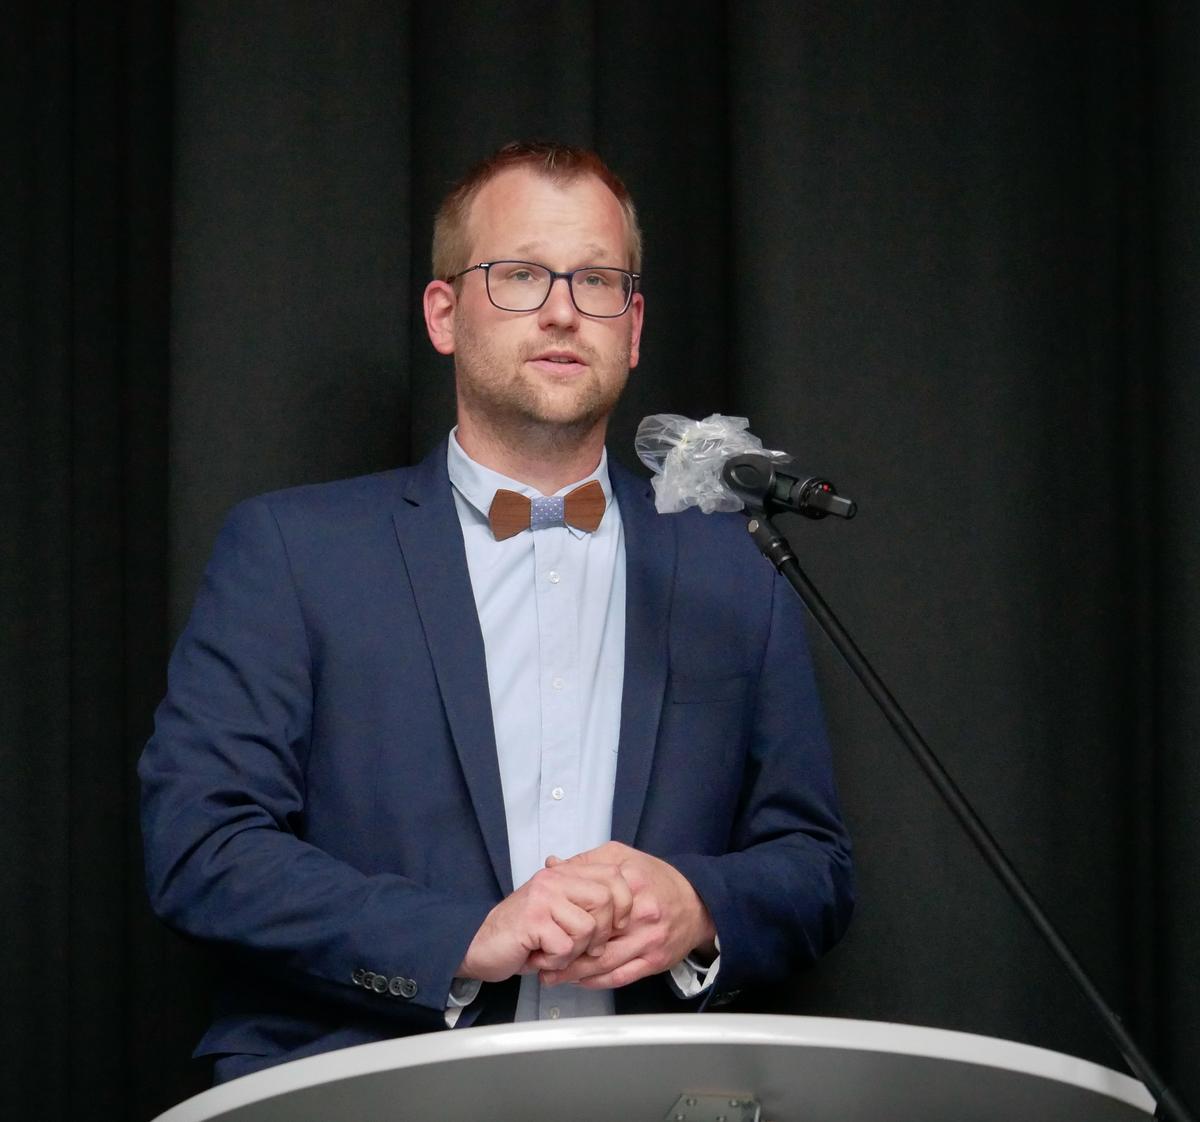 Das Grußwort von Bürgermeister Berthold Lülf verlas Matthias Heuckmann, Abteilungsleitung Klassen 8-10 in Ennigerloh. Fotos. Schomakers